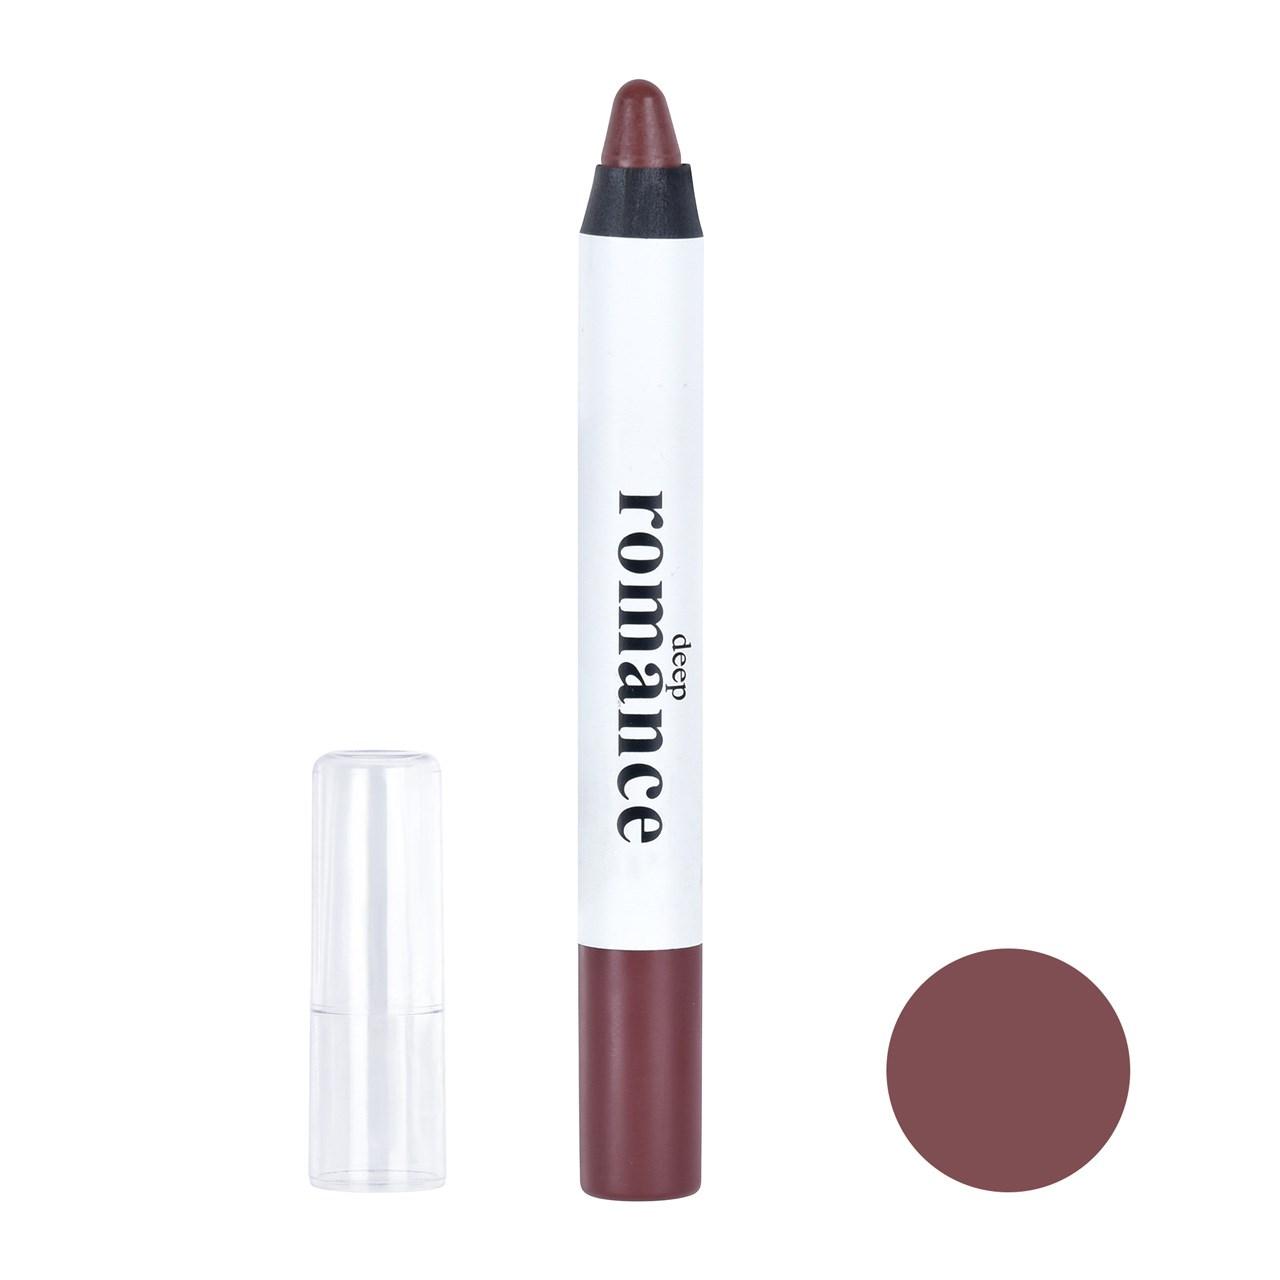 راهنمای خرید رژ لب مدادی دیپ رومانس مدل DR-10 - شماره 203 لیست قیمت